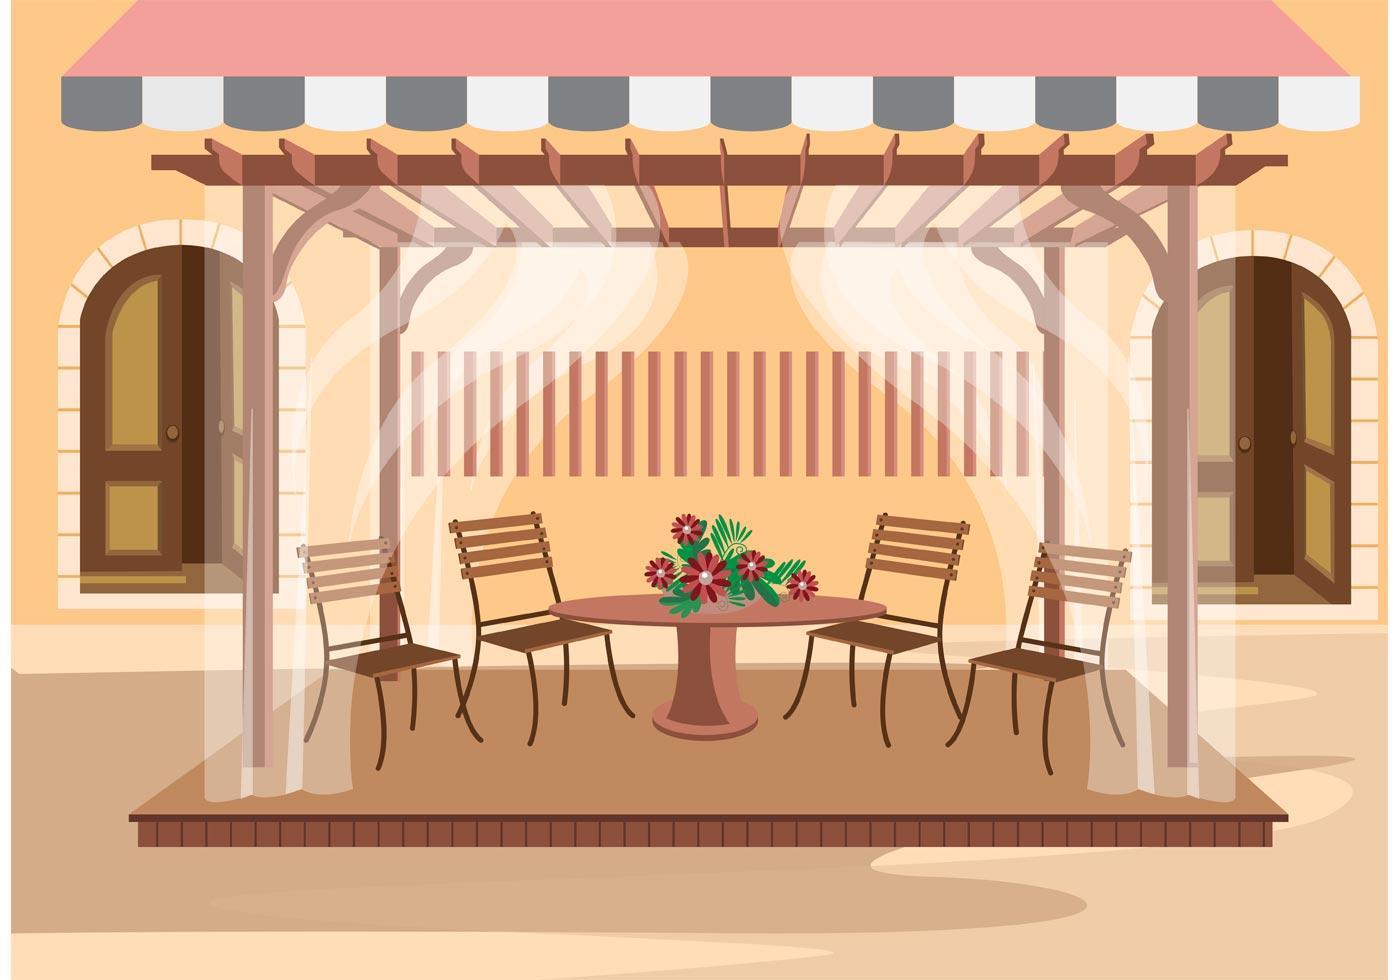 Outdoor Cafe Vector  Download Free Vector Art Stock